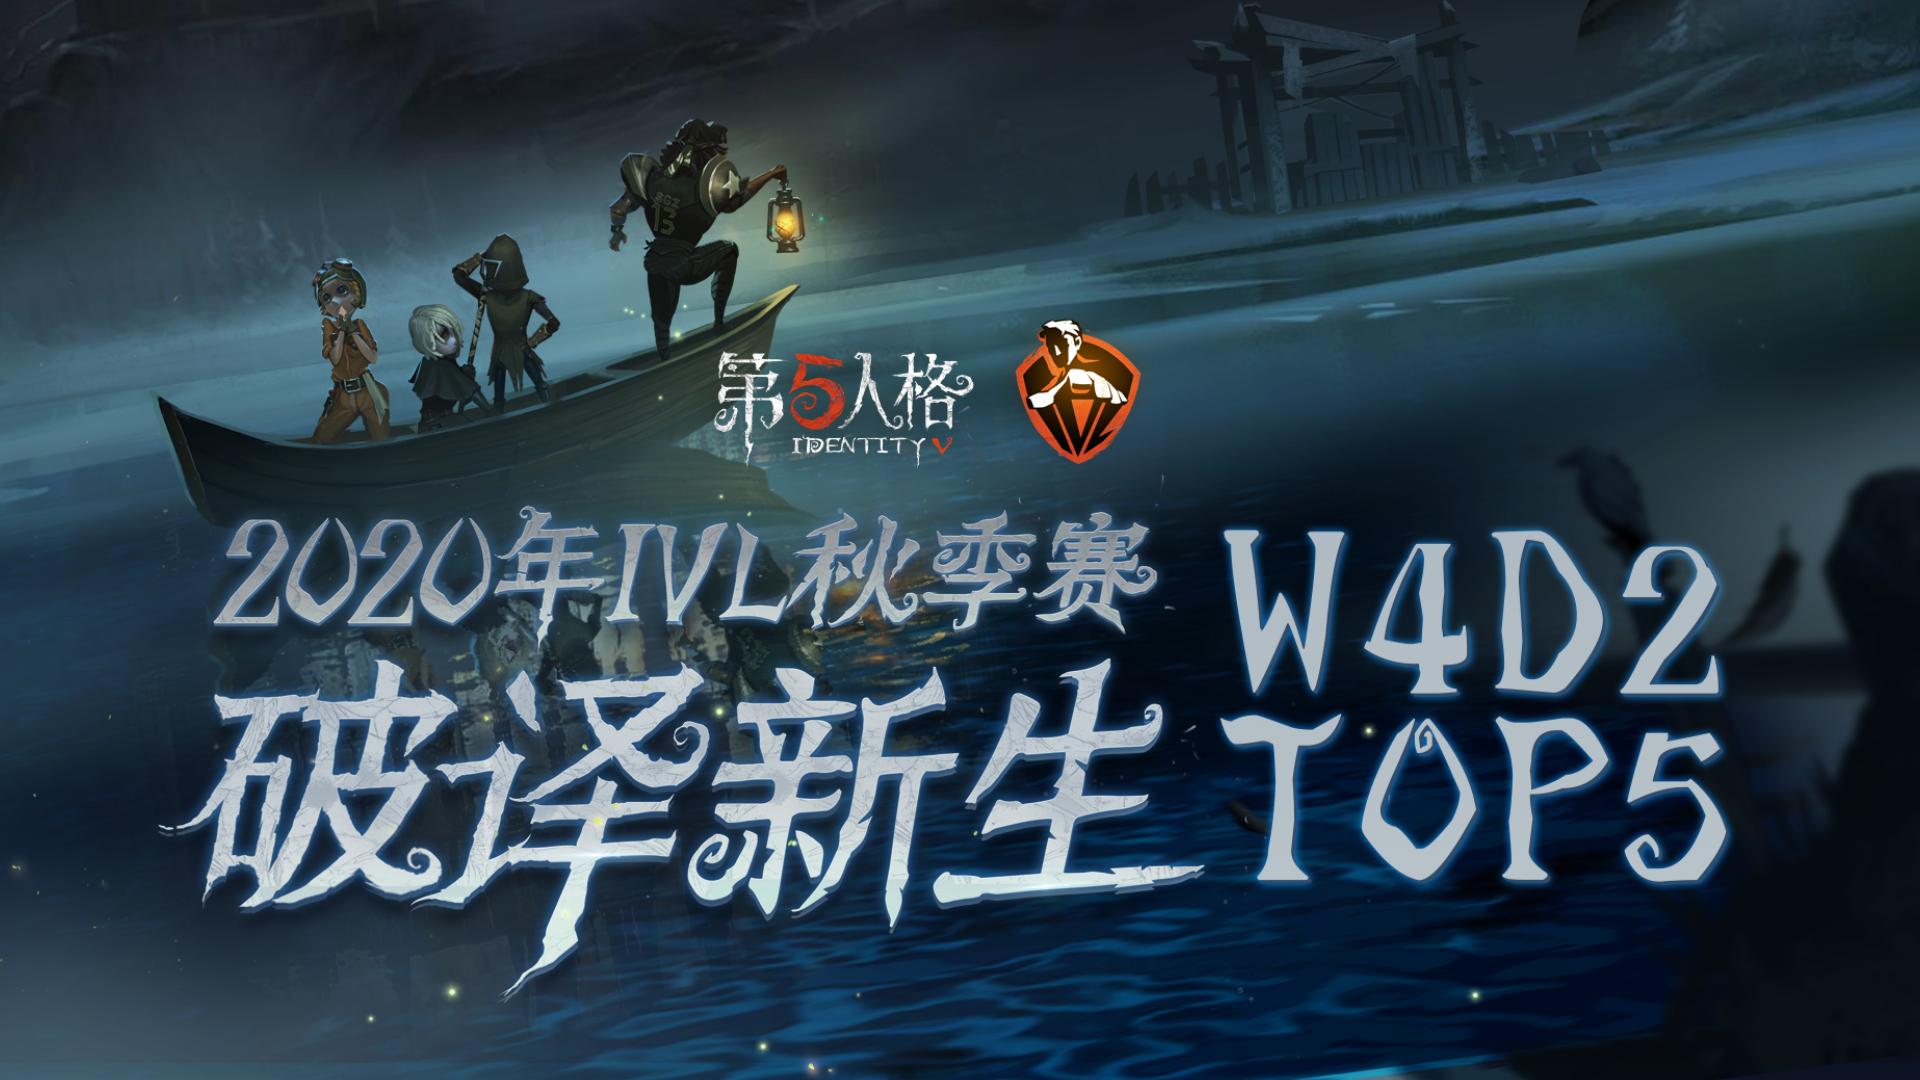 IVL秋季赛W4D2 TOP5:Wolves求生者狼性博弈